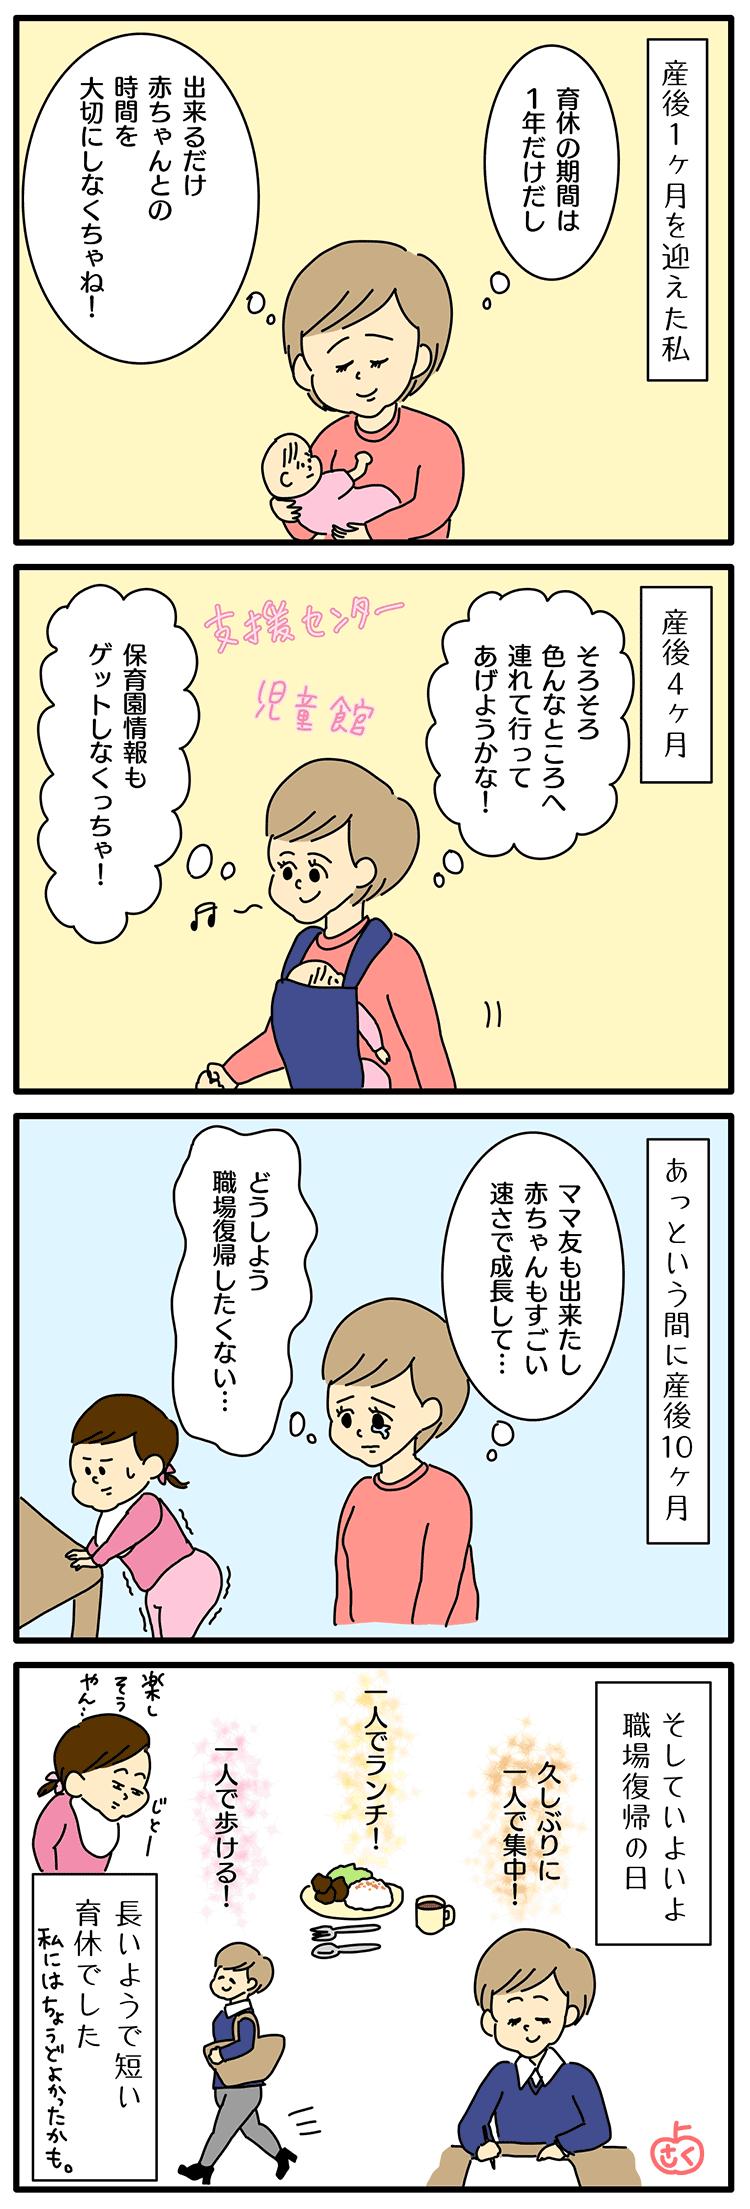 育休期間についての永岡さくら(saku)さんの子育て4コマ漫画